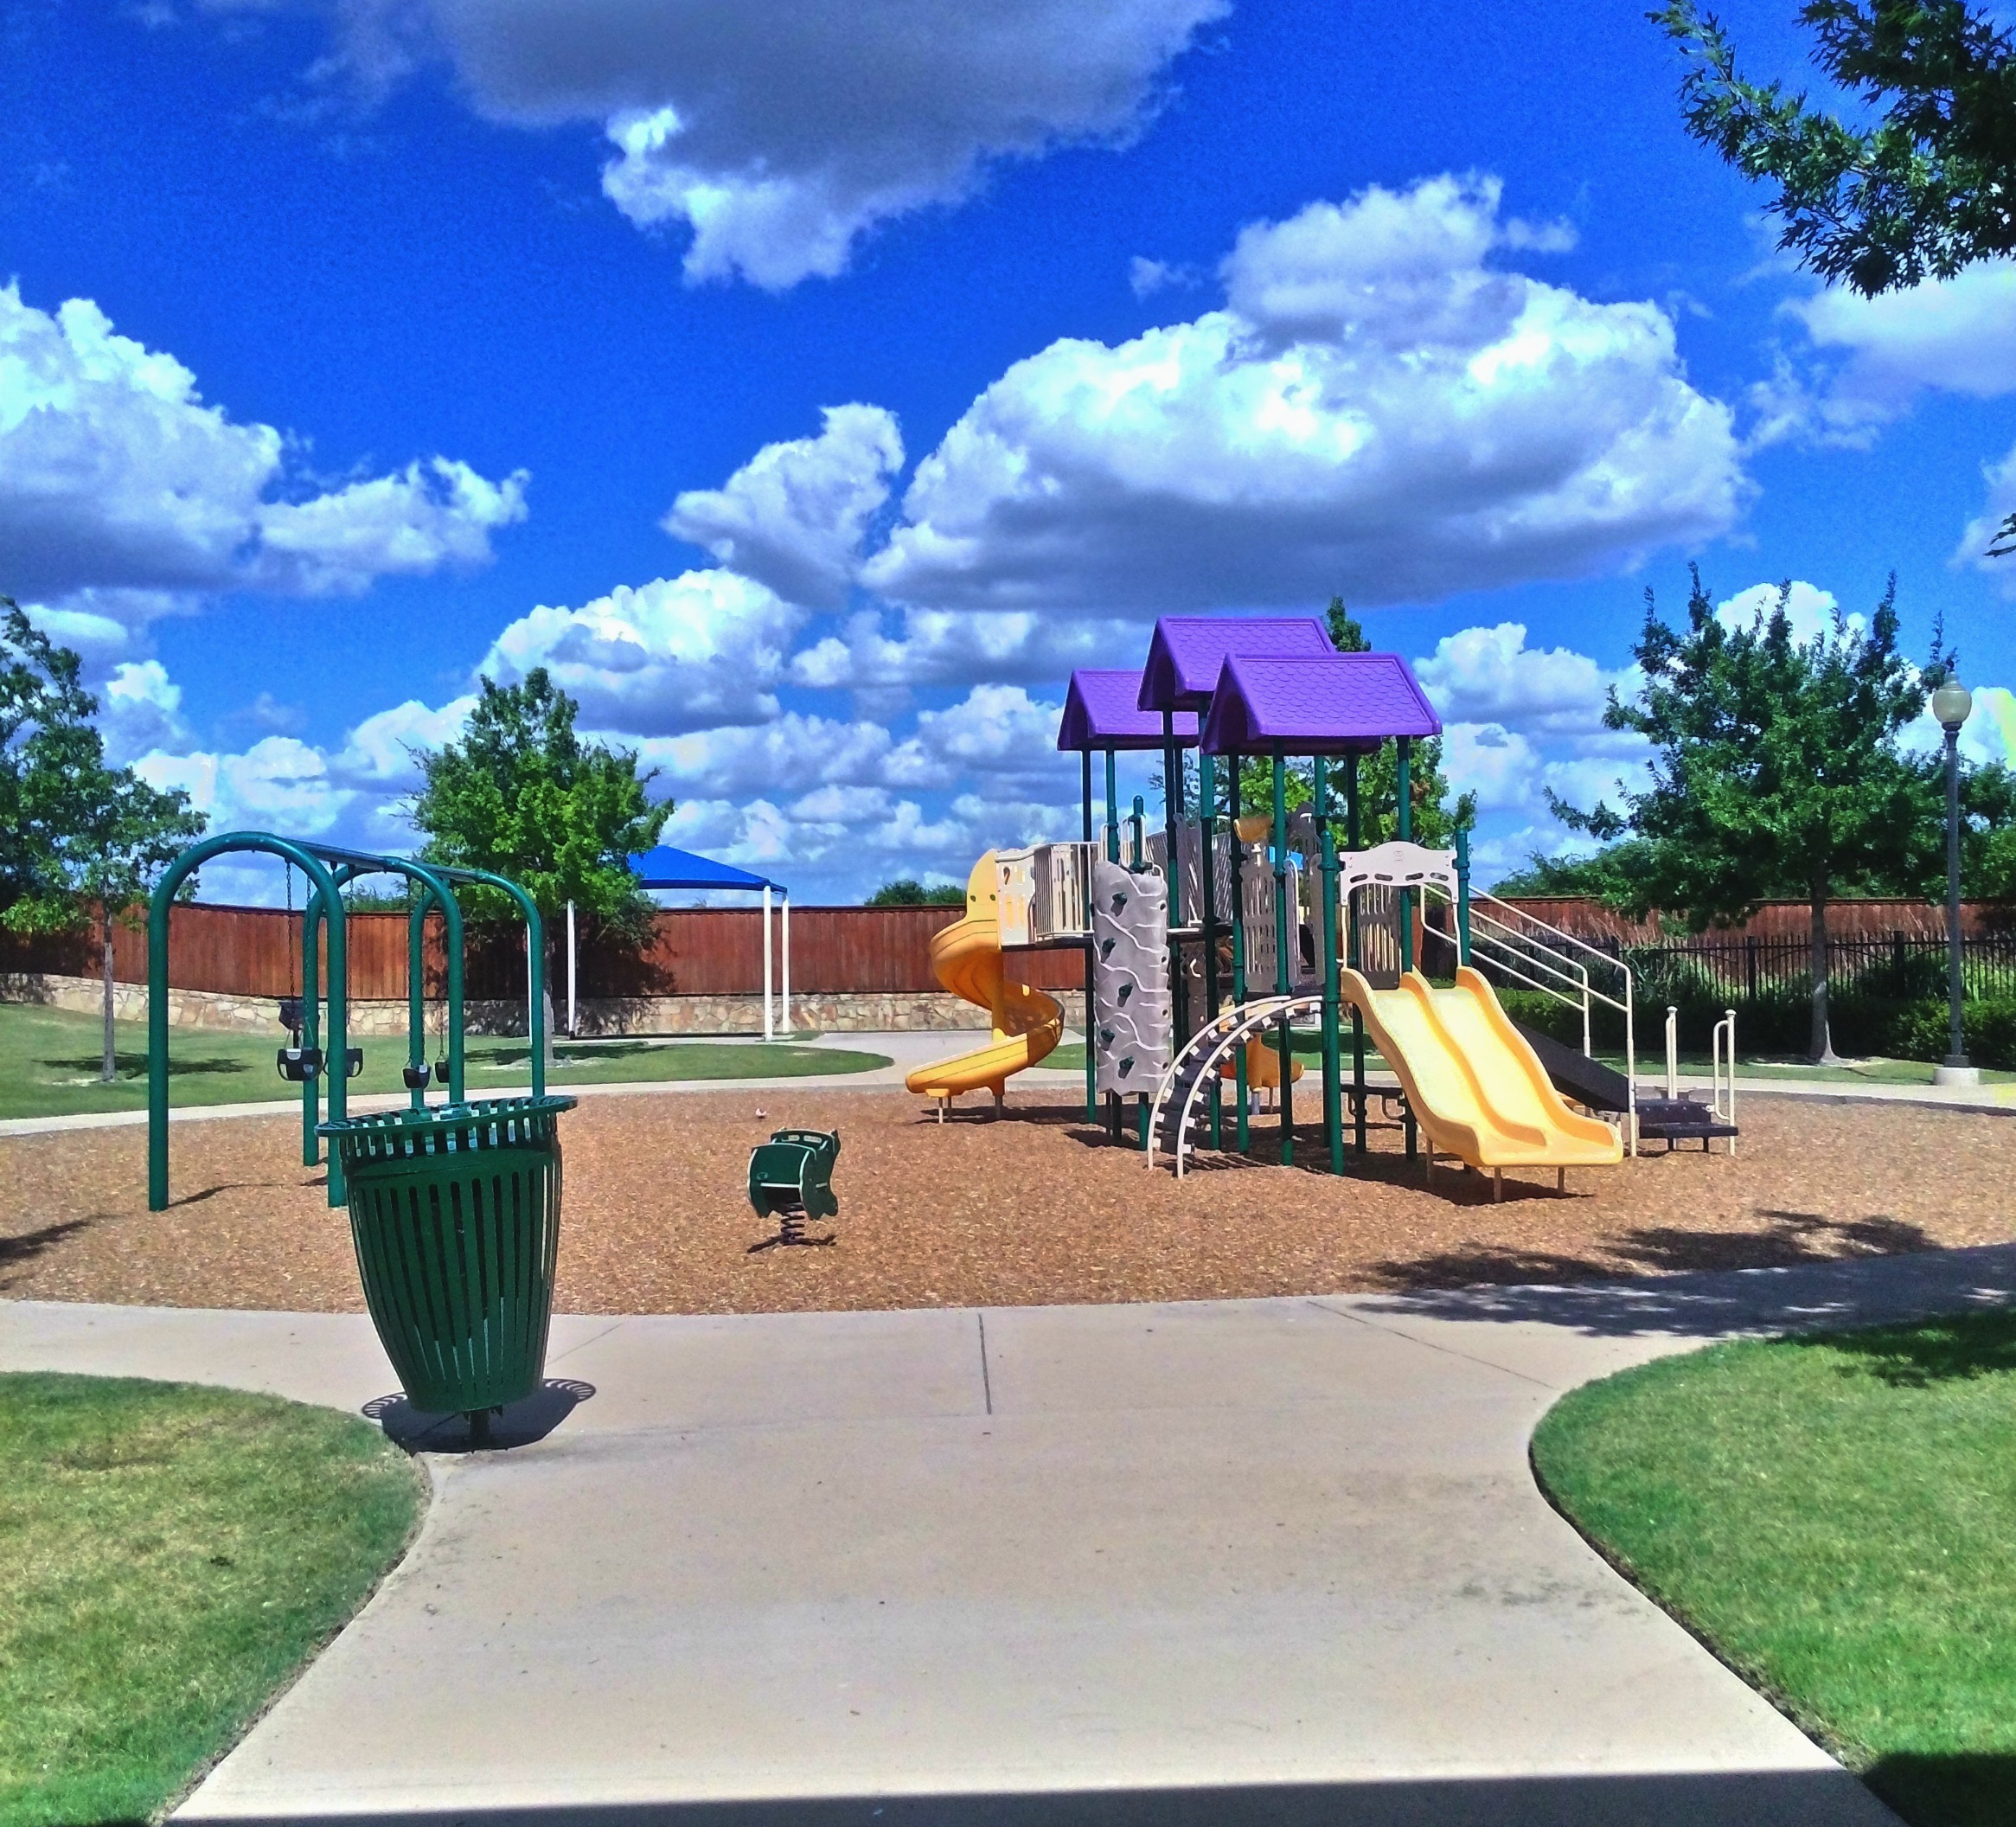 625 Destin Playground